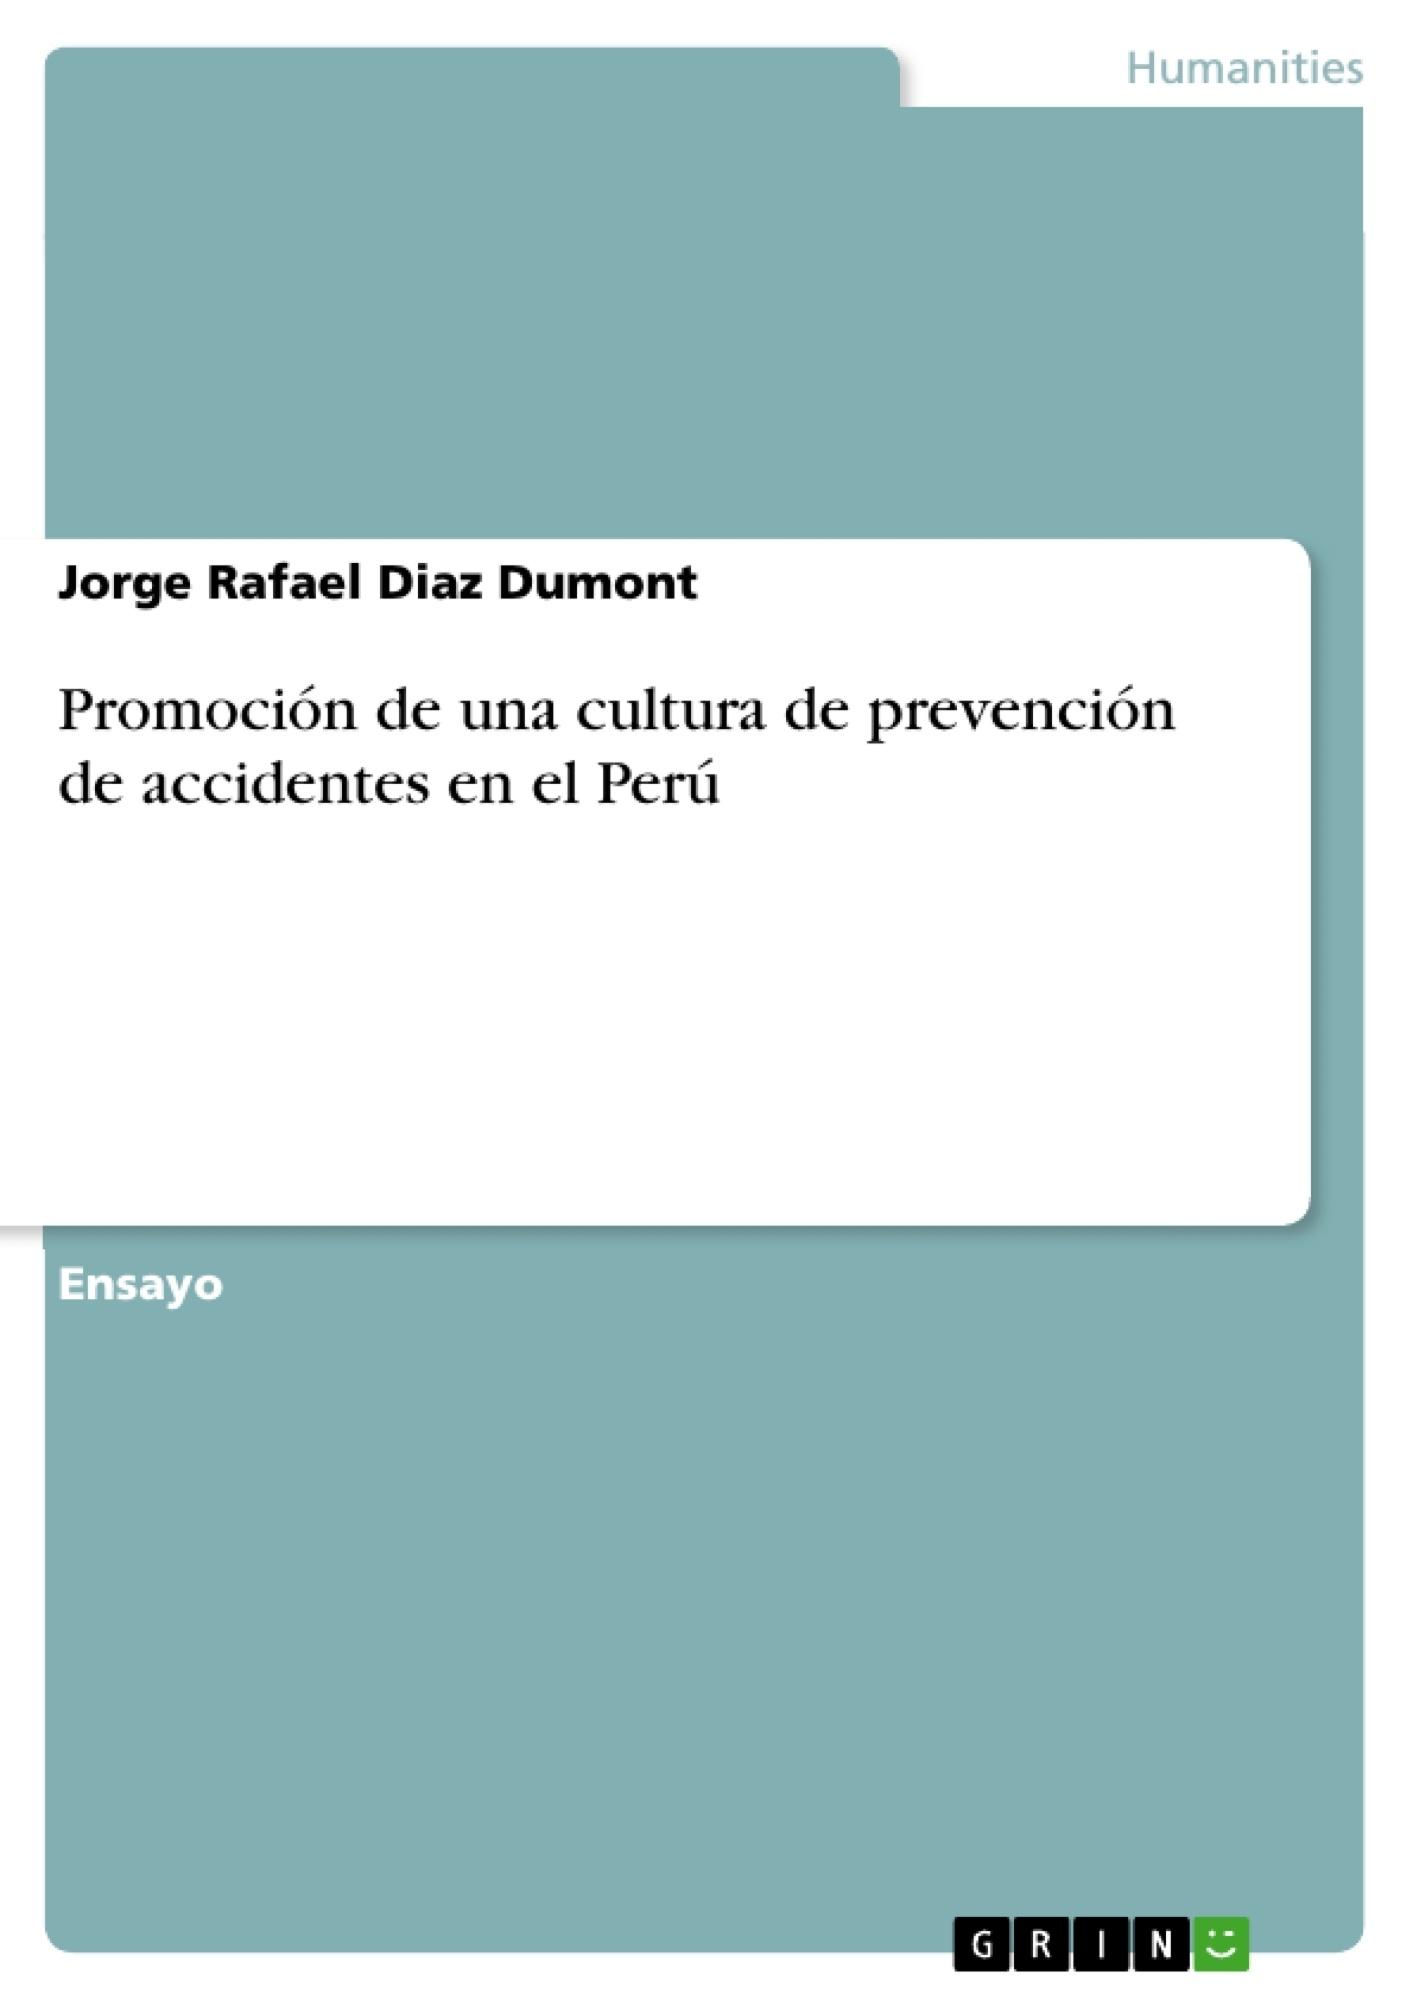 Título: Promoción de una cultura de prevención de accidentes en el Perú